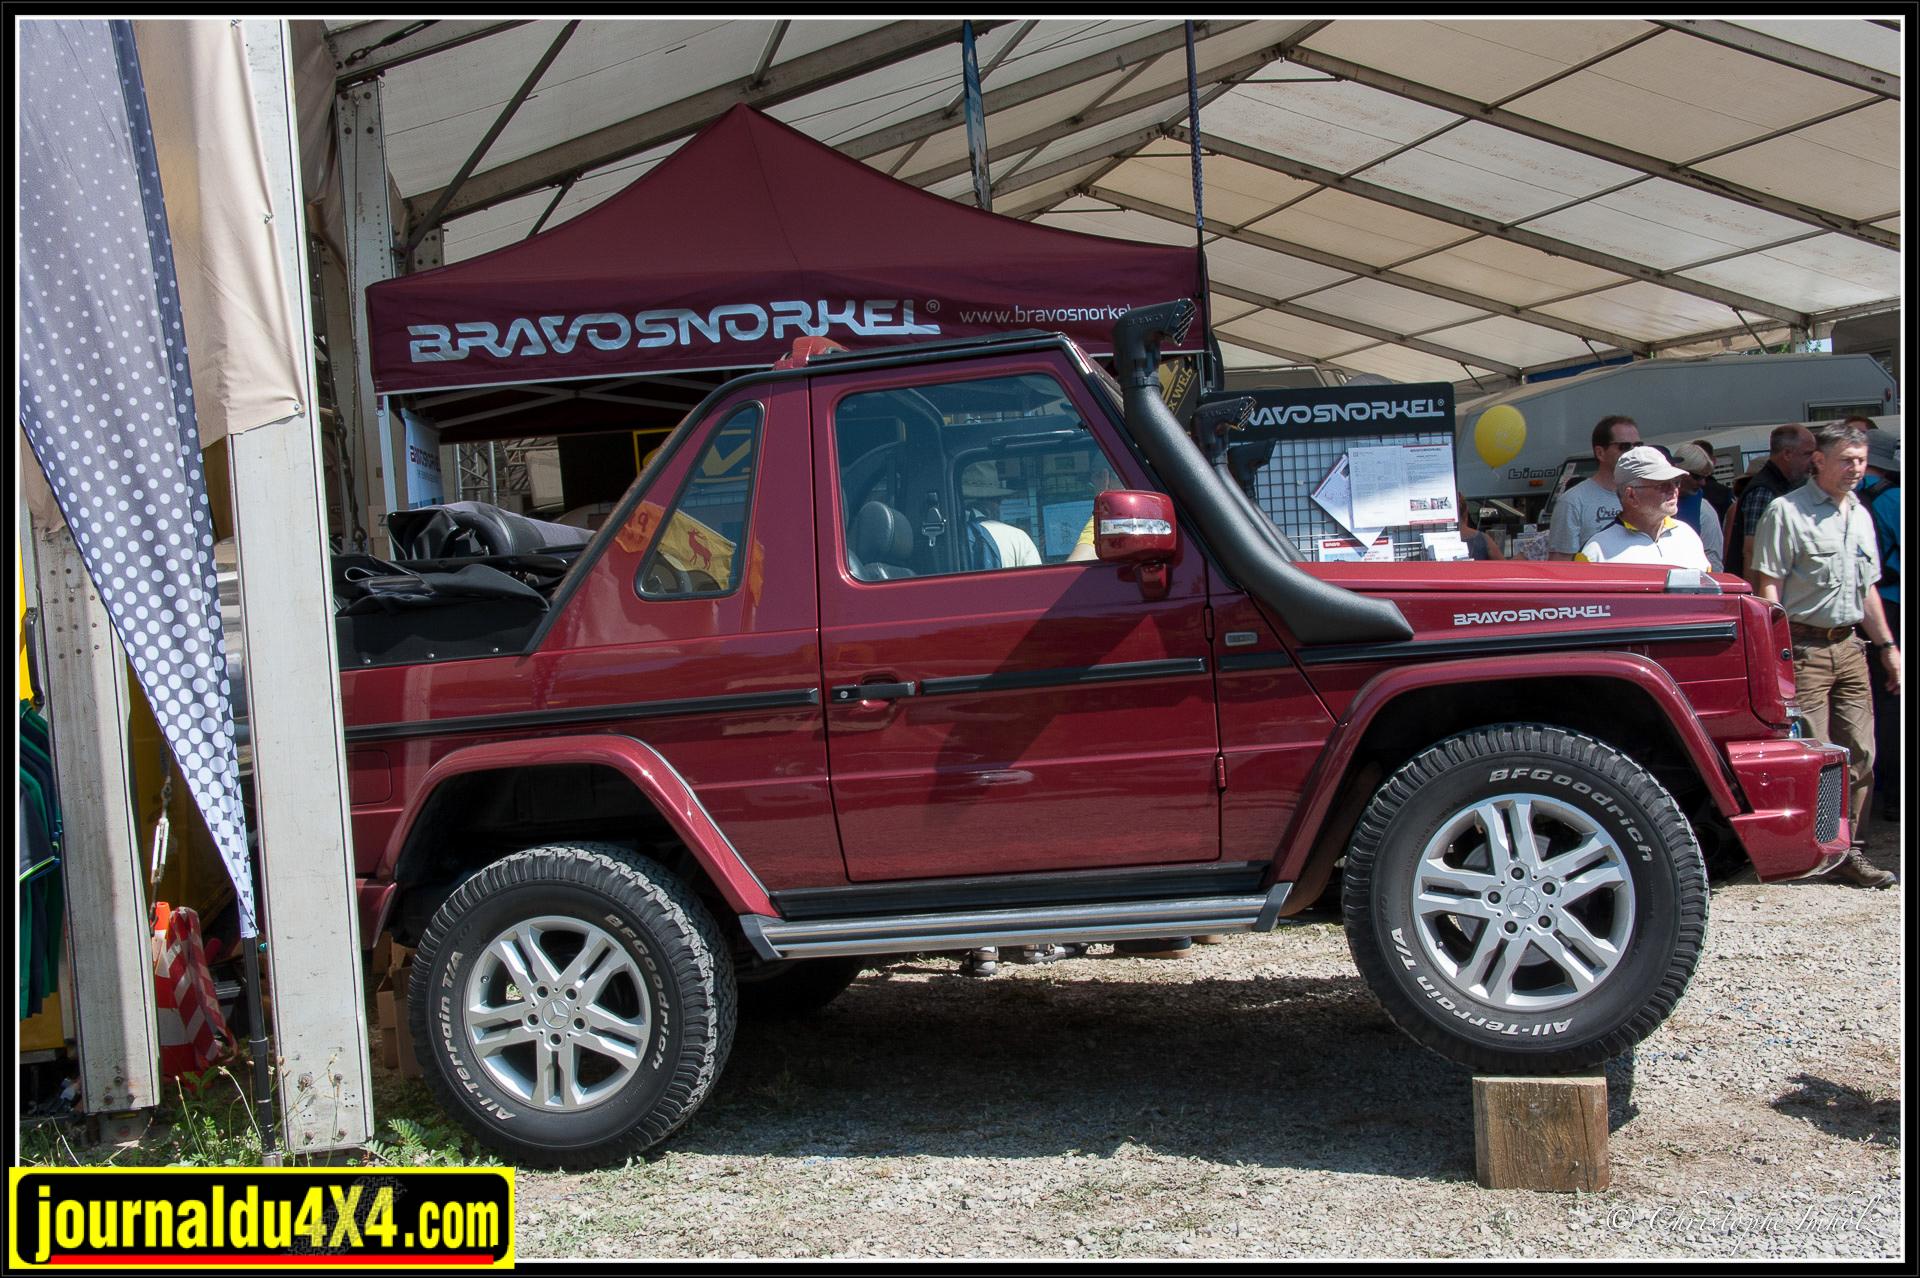 Bravosnorkel propose toute une gamme de schnorkels, pas de soucis pour trouver le modèle adapté à votre véhicule